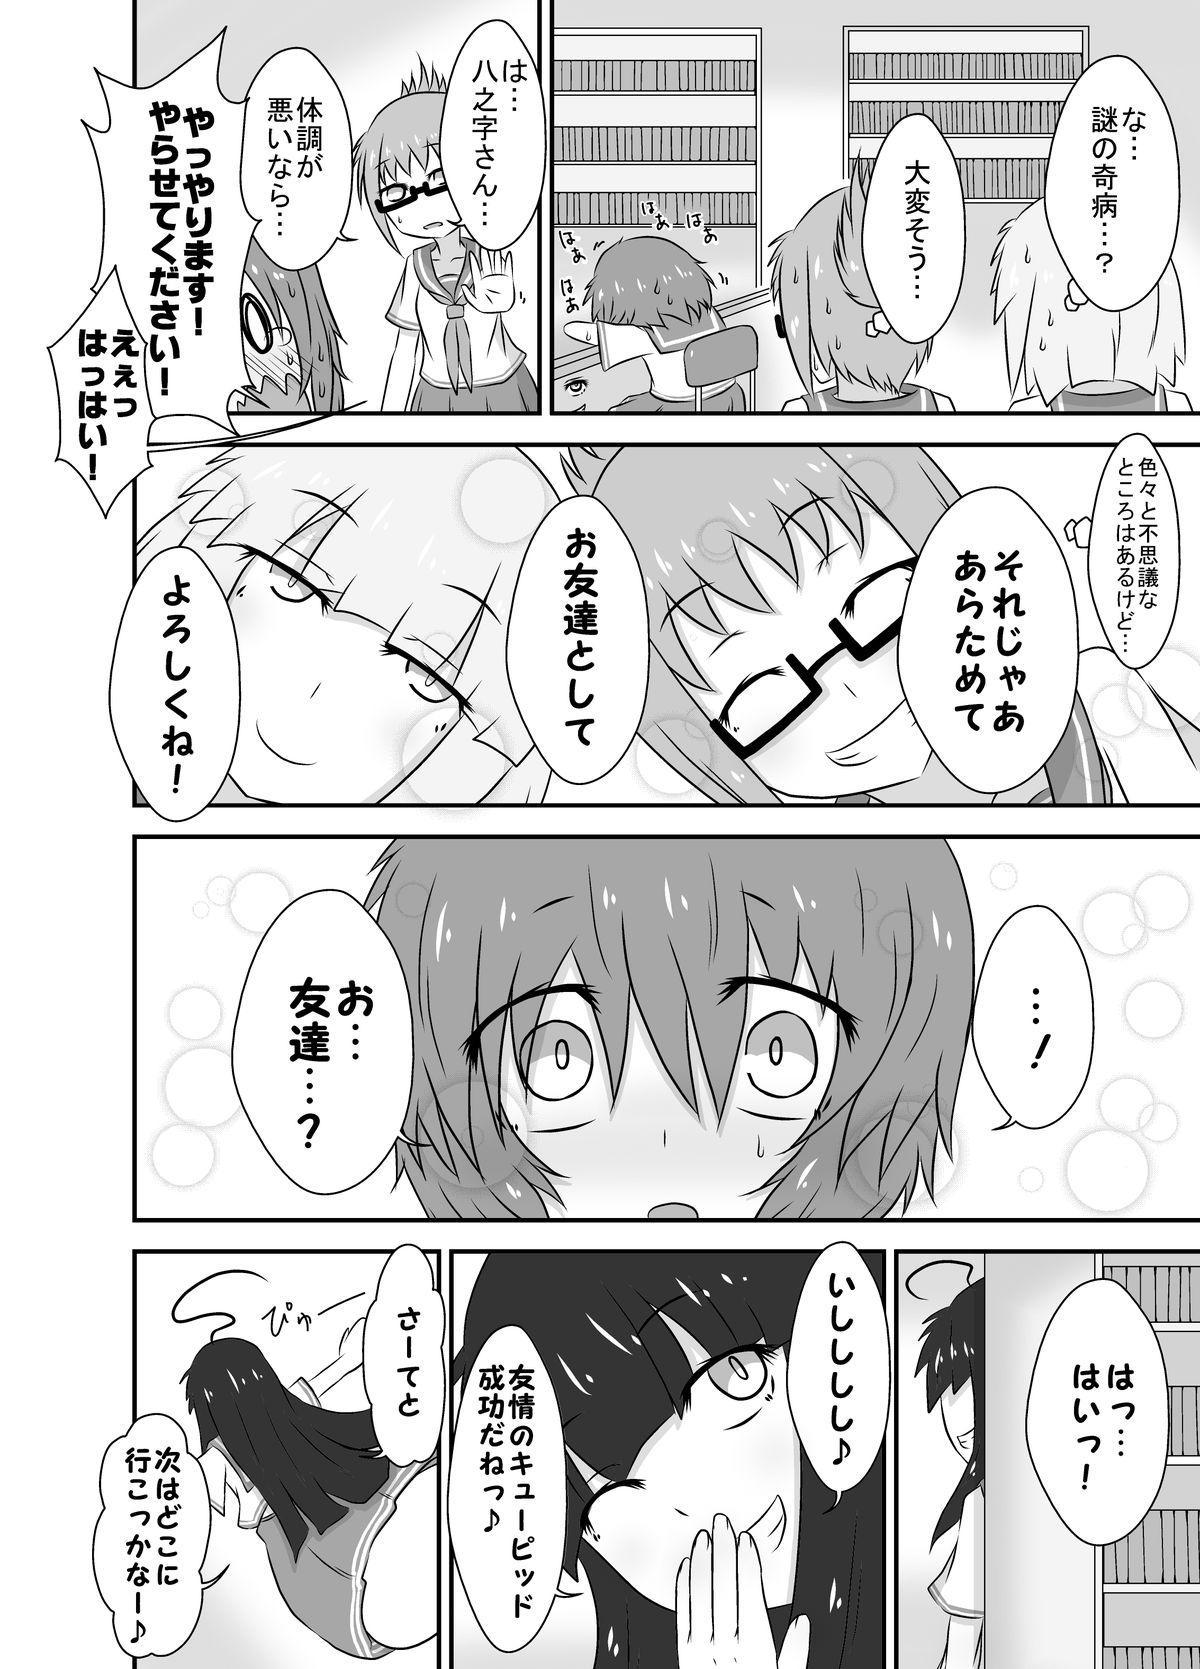 Kochokocho Okako-san! 3 16